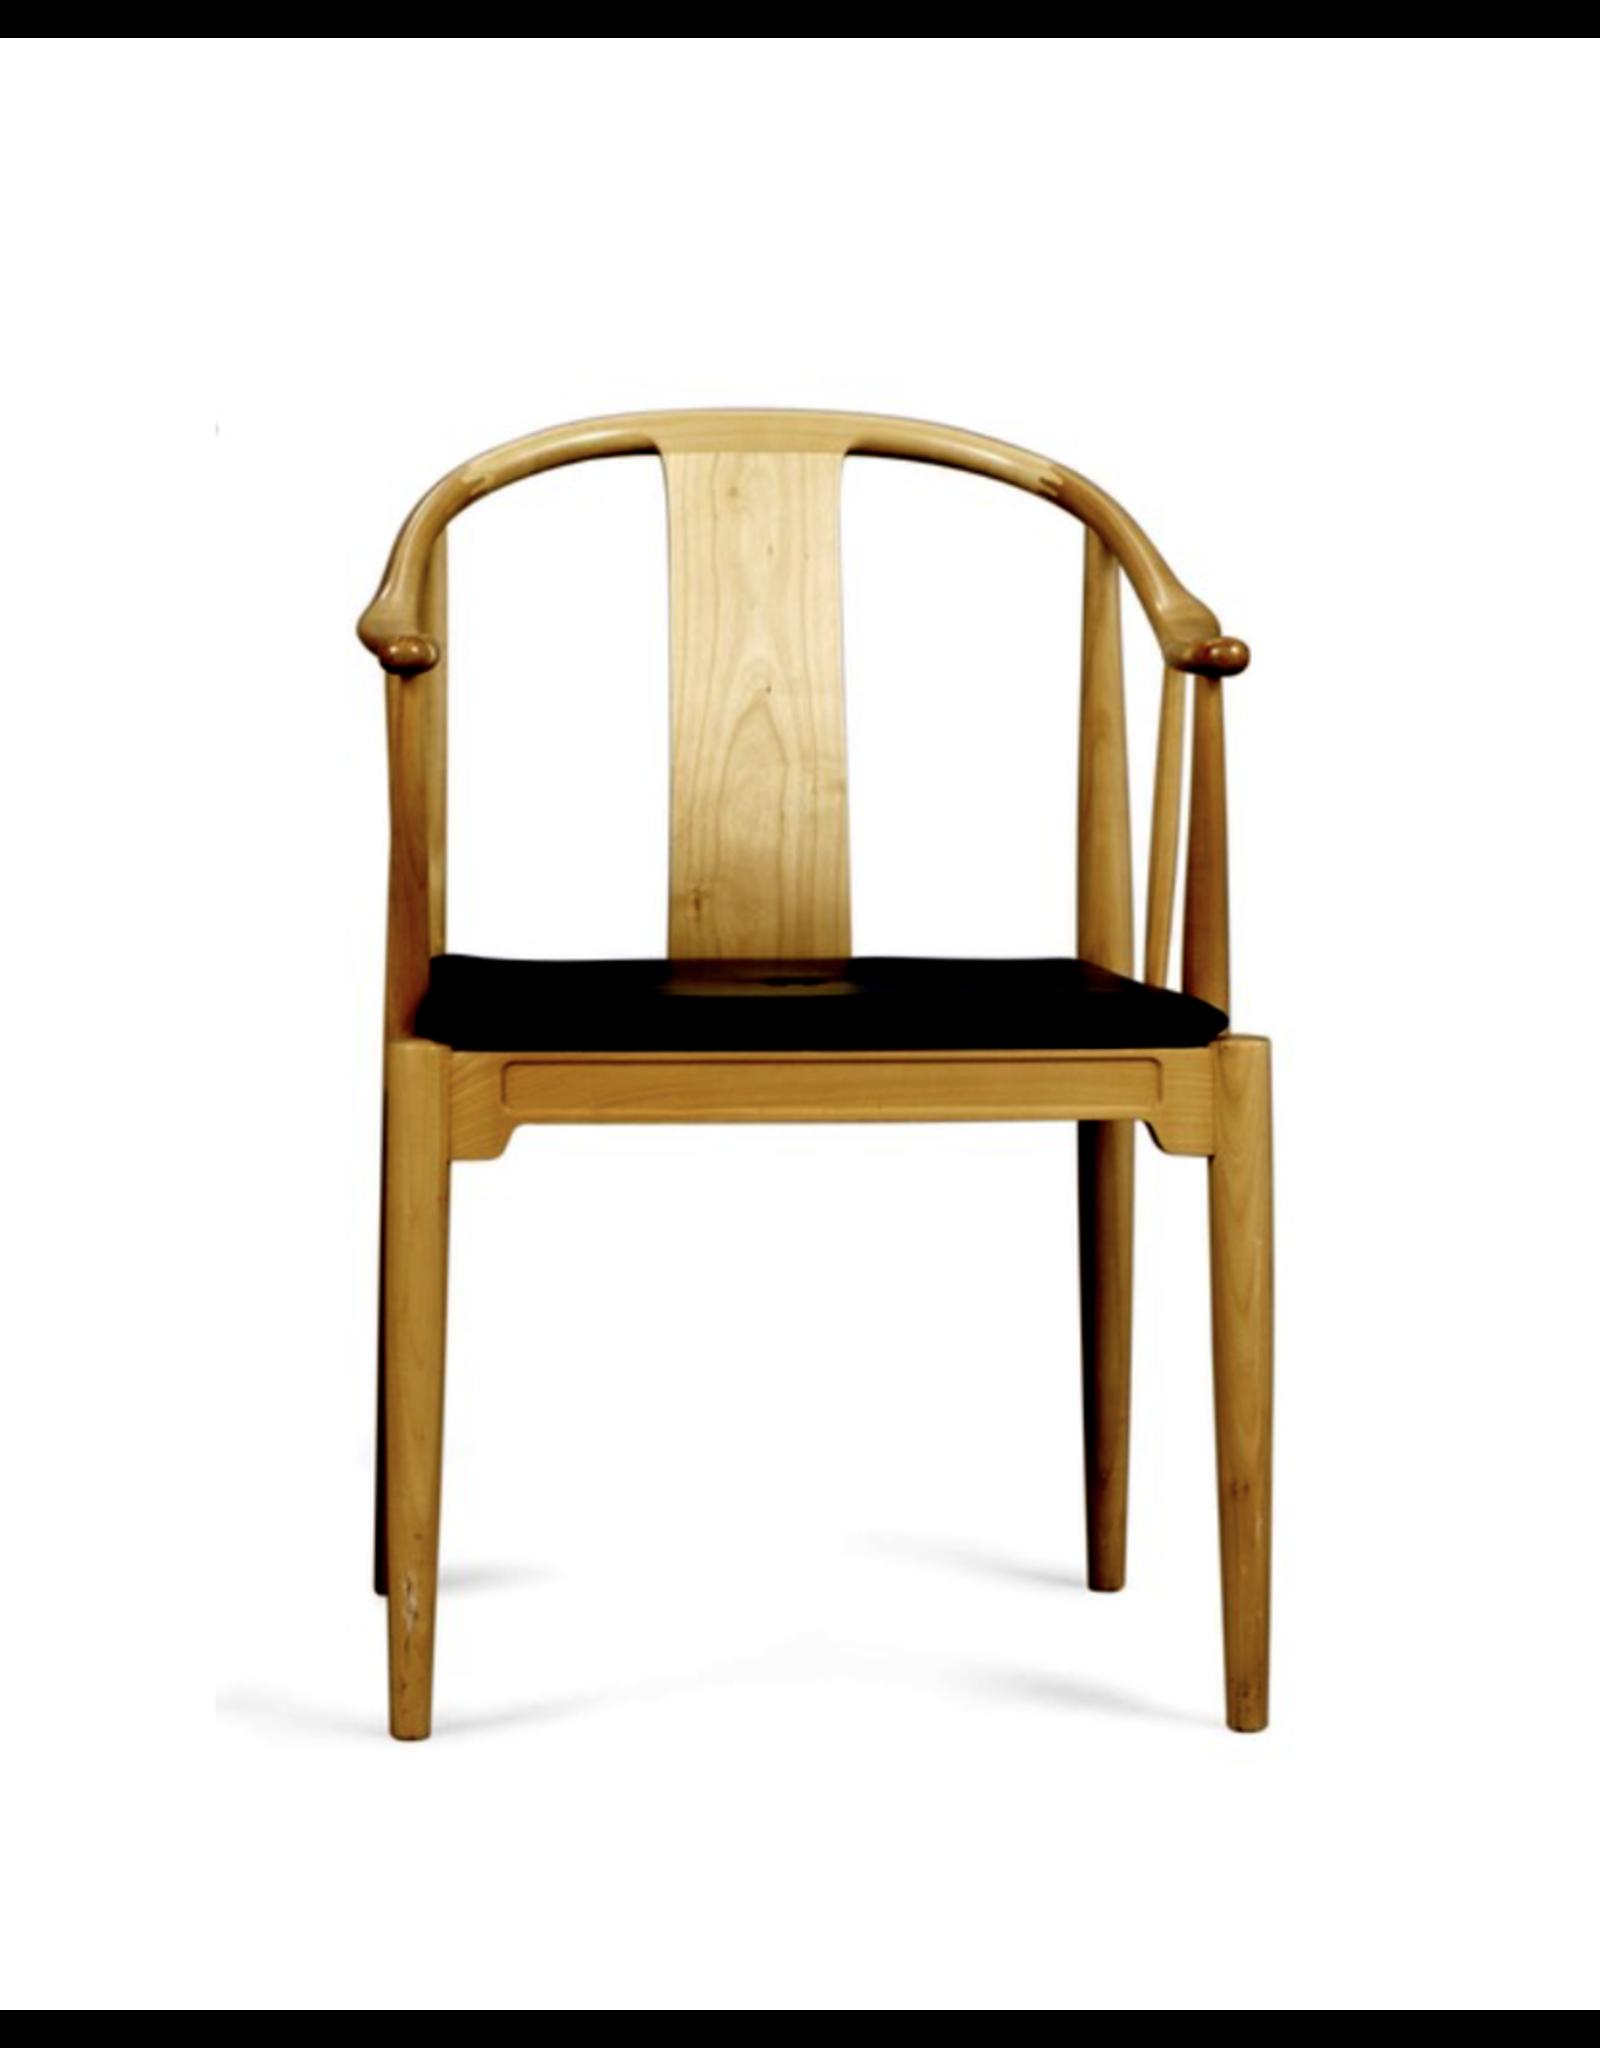 CHINA 櫻桃木中國椅